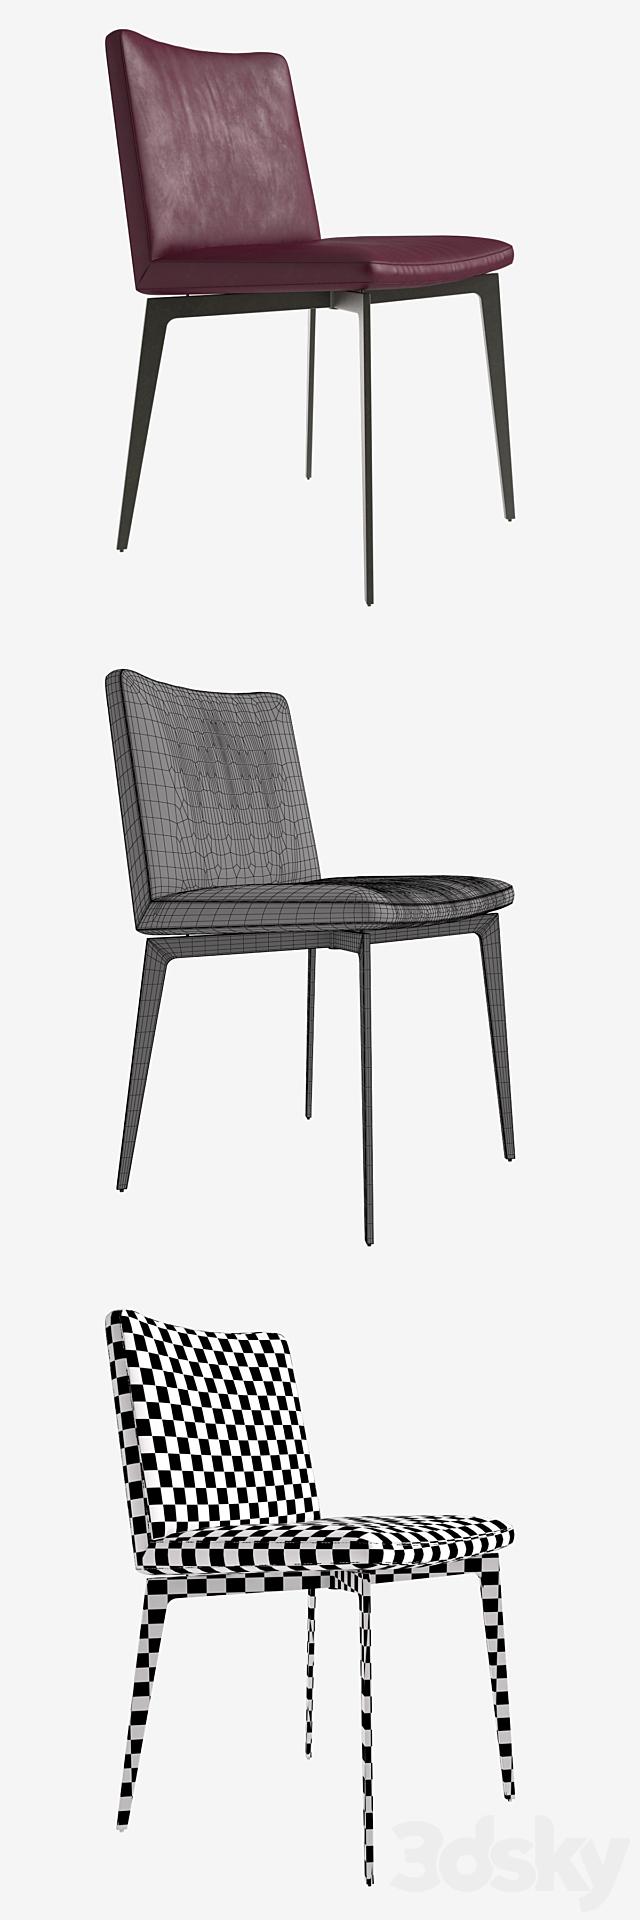 Chair Alivar Flexa chair h81 x w49 x d50 Art. SFX1